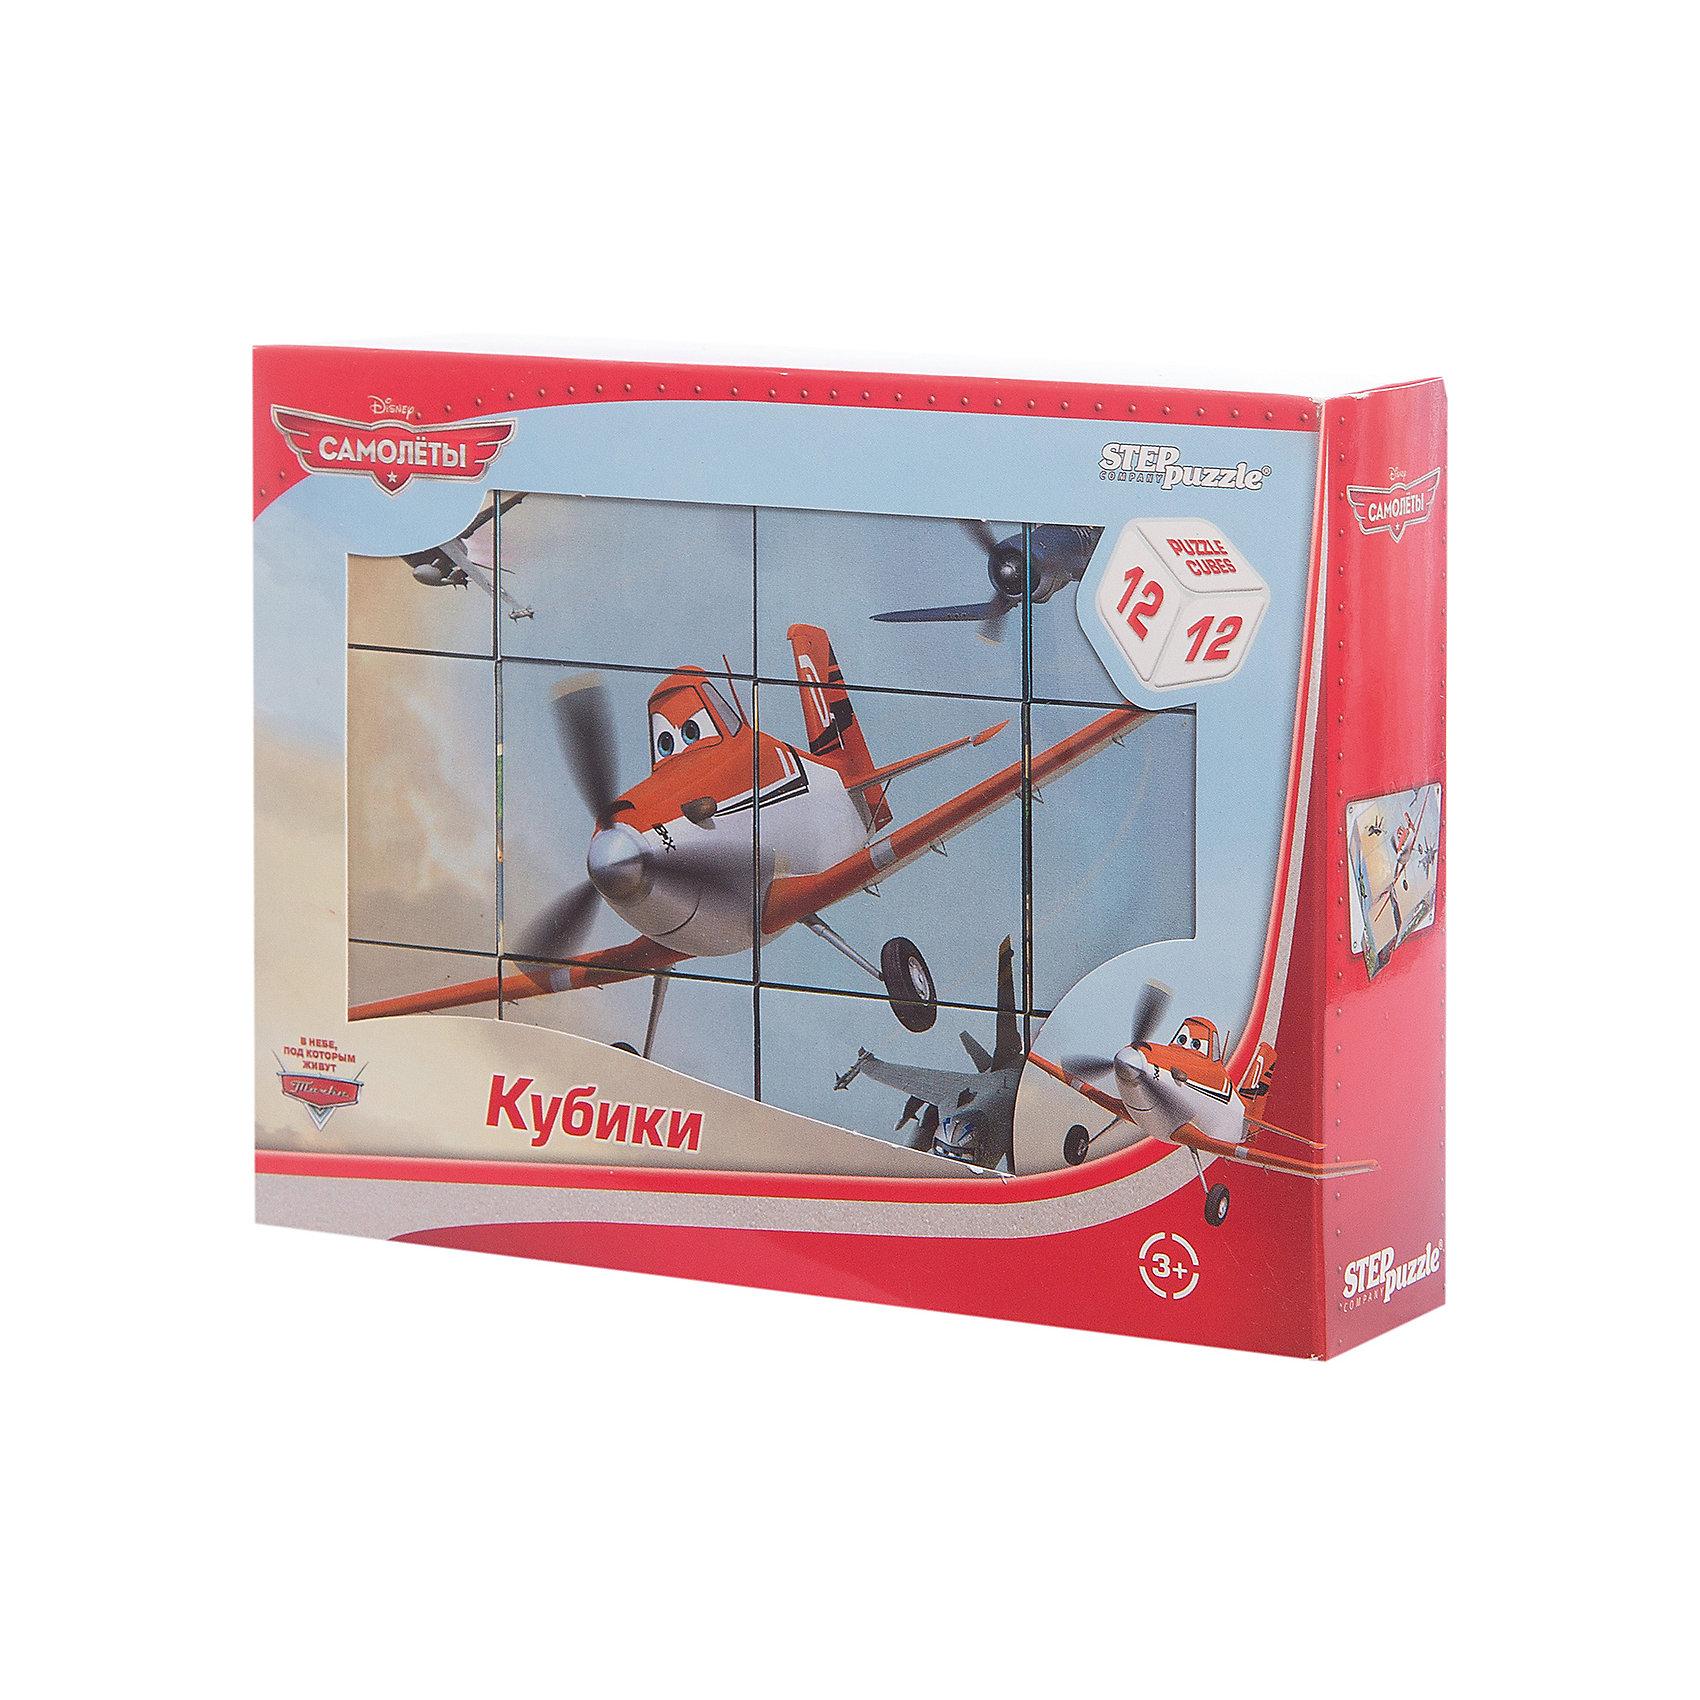 Кубики Самолеты, 12 шт, Step PuzzleКубики Самолеты, 12 шт, Step Puzzle (Степ Пазл) - это кубики с яркими запоминающимися картинками.<br>Красочный набор кубиков с изображением персонажей популярного мультфильма Disney Самолёты предназначен для развития логики, внимания и мышления у детей младшего возраста. Кубики изготовлены из легкого прочного пластика. Яркие, сочные картинки, наклеенные на пластик, хорошо держатся, рисунки глянцевые. Наборы из 12 кубиков – для тех, кто освоил навык сборки картинки из 9 кубиков. Заложенный дидактический принцип «от простого к сложному» позволит ребёнку поверить в свои силы.<br><br>Дополнительная информация:<br><br>- В наборе: 12 кубиков<br>- Сторона кубика: 4 см.<br>- Размер готовой картинки: 12х16 см.<br>- Материал: пластик, картон<br>- Упаковка: картонная коробка<br>- Размер упаковки: 160x40x120 мм.<br>- Вес: 400 гр.<br><br>Кубики Самолеты, 12 шт, Step Puzzle (Степ Пазл) можно купить в нашем интернет-магазине.<br><br>Ширина мм: 160<br>Глубина мм: 40<br>Высота мм: 120<br>Вес г: 400<br>Возраст от месяцев: 36<br>Возраст до месяцев: 84<br>Пол: Унисекс<br>Возраст: Детский<br>SKU: 4588234